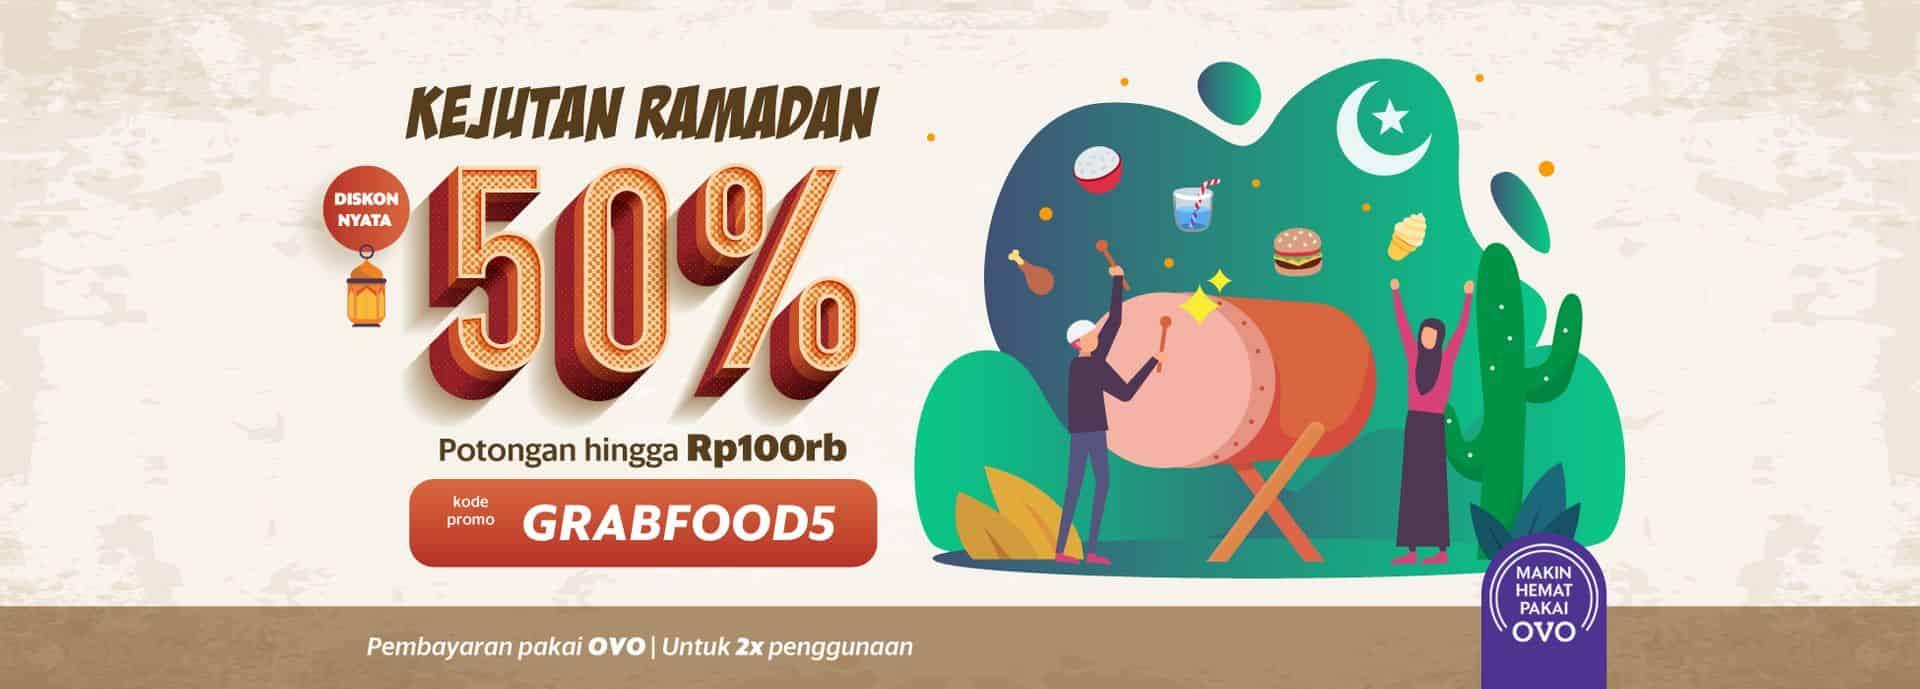 Serbu Menu Serba Setengah Harga Di Grabfood Yuk Grab Id